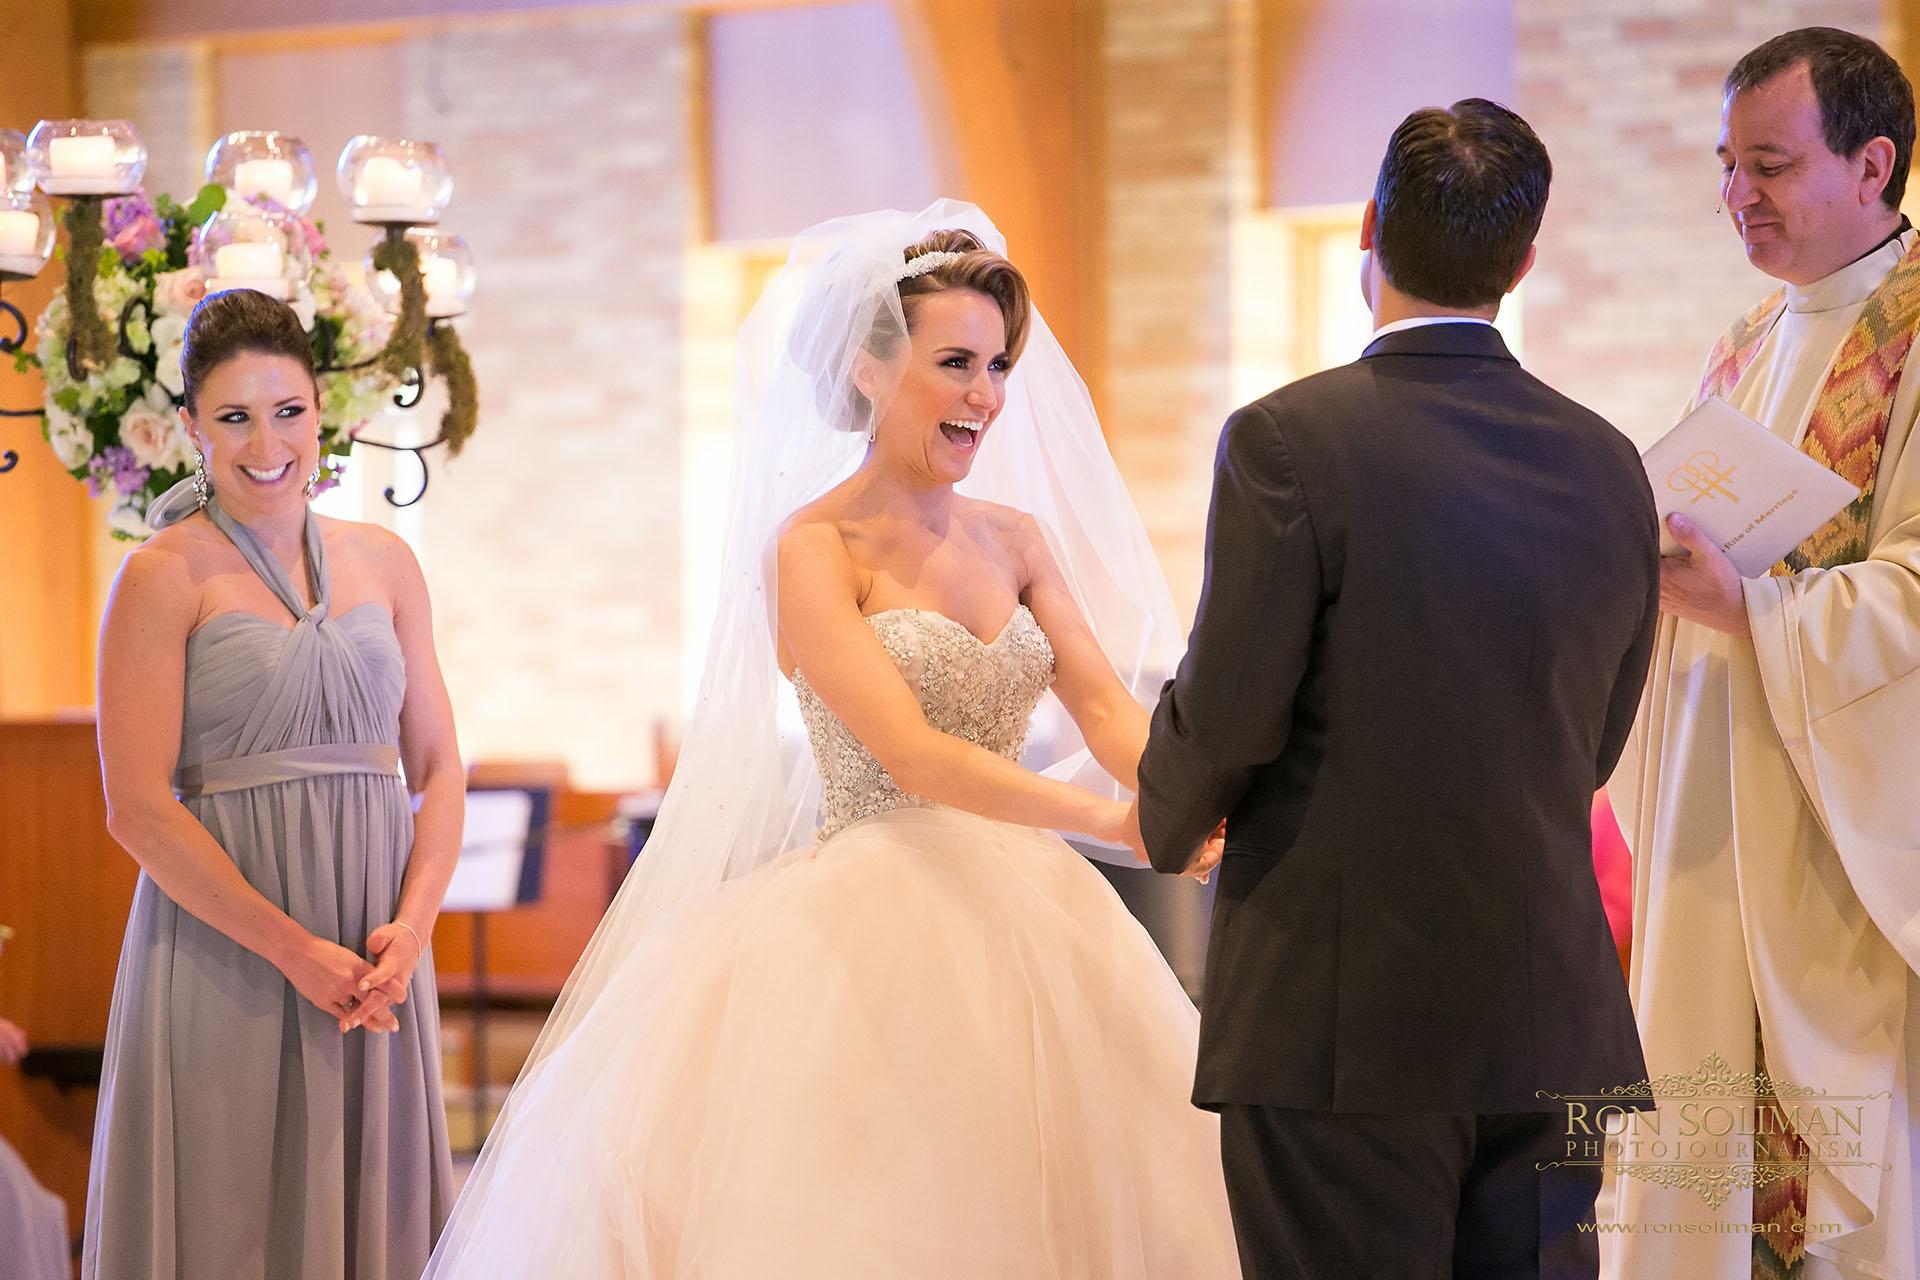 FLORENTINE GARDENS WEDDING 21